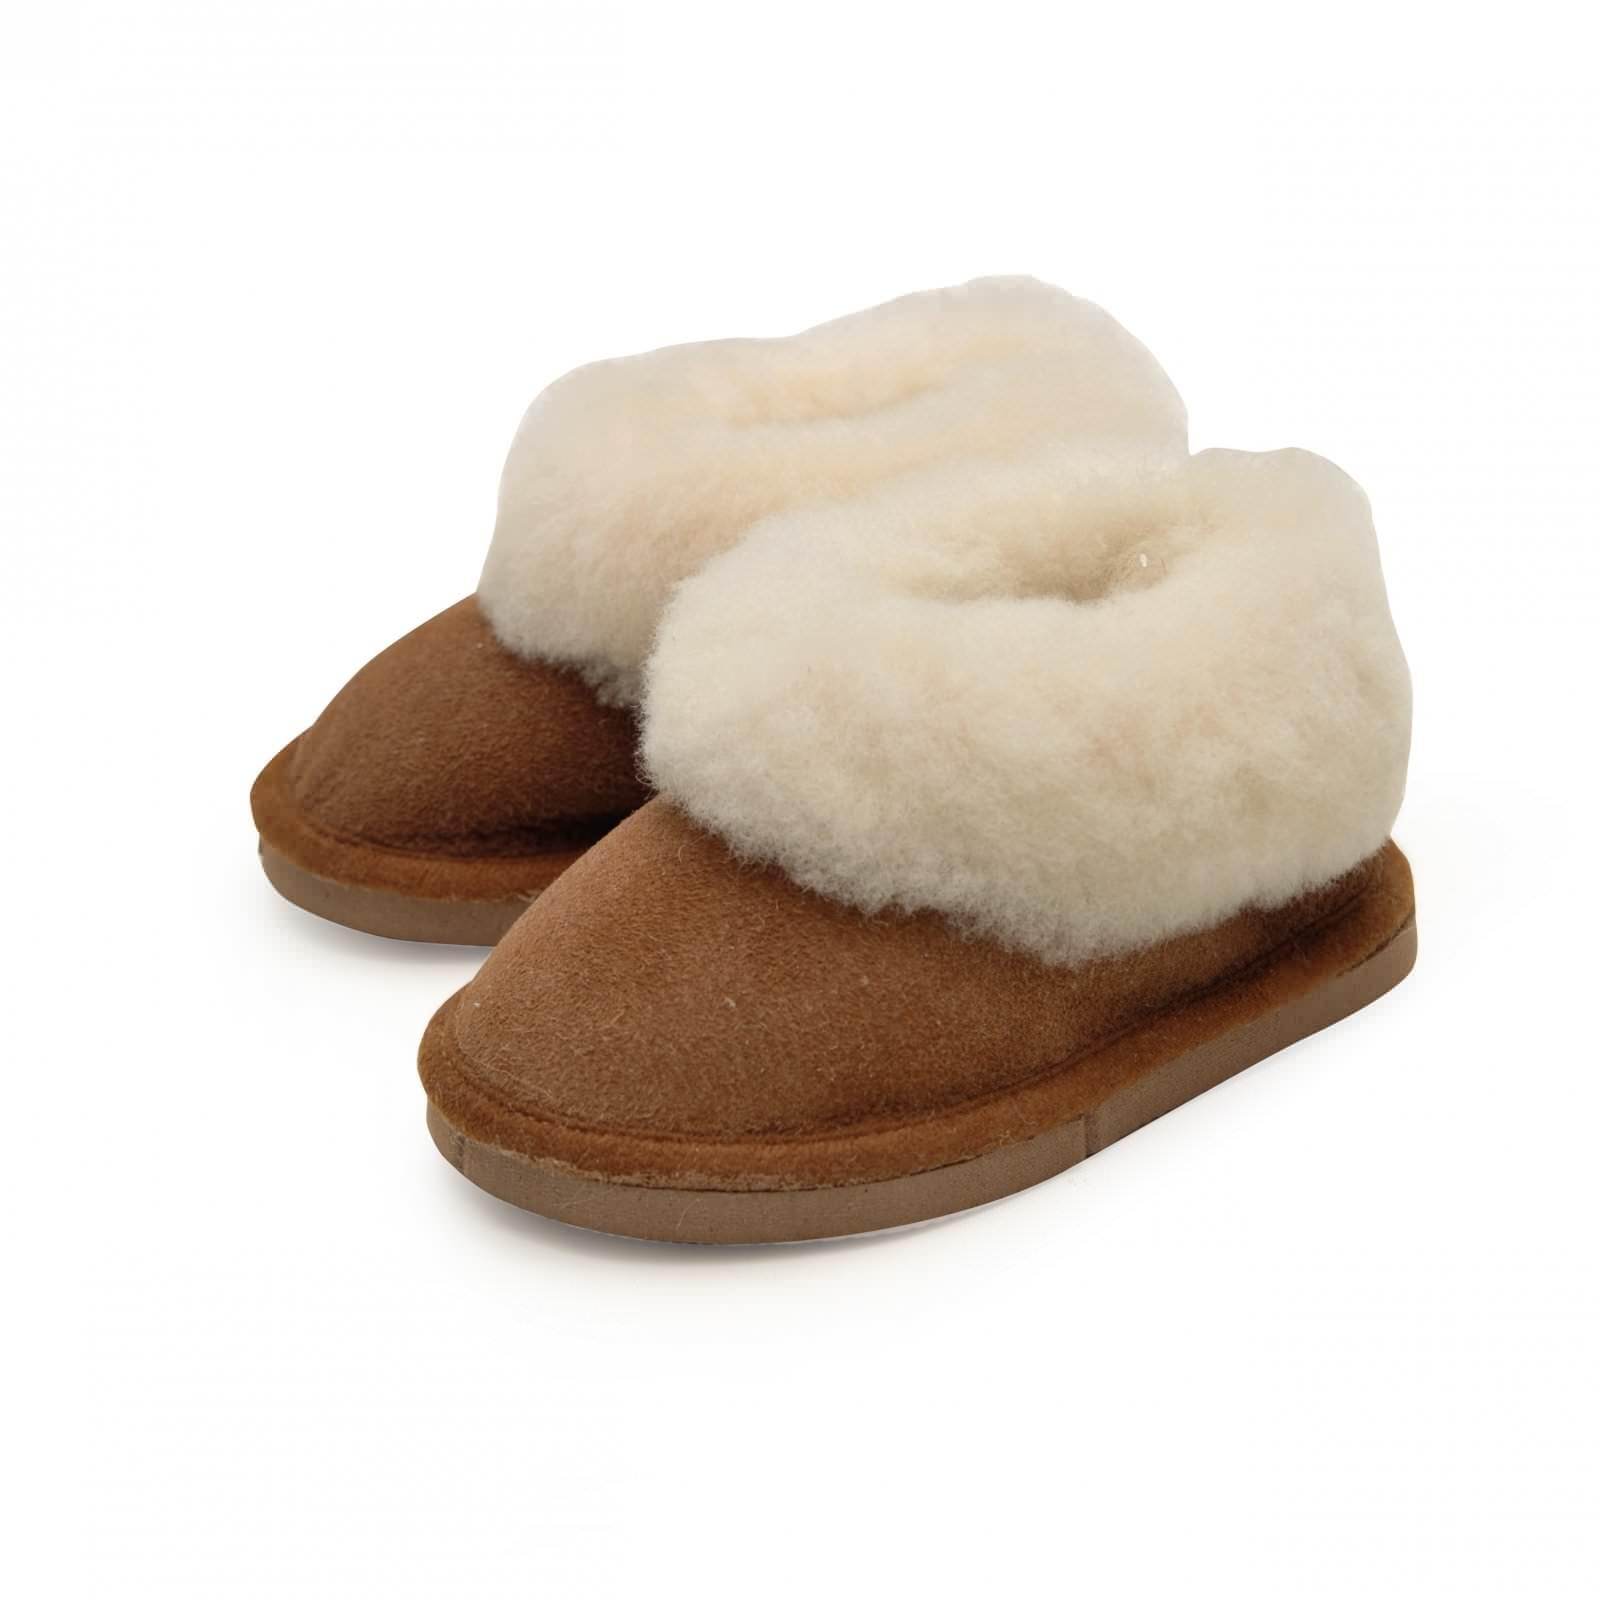 chaussons enfant fourr s en peau de mouton marron b b. Black Bedroom Furniture Sets. Home Design Ideas